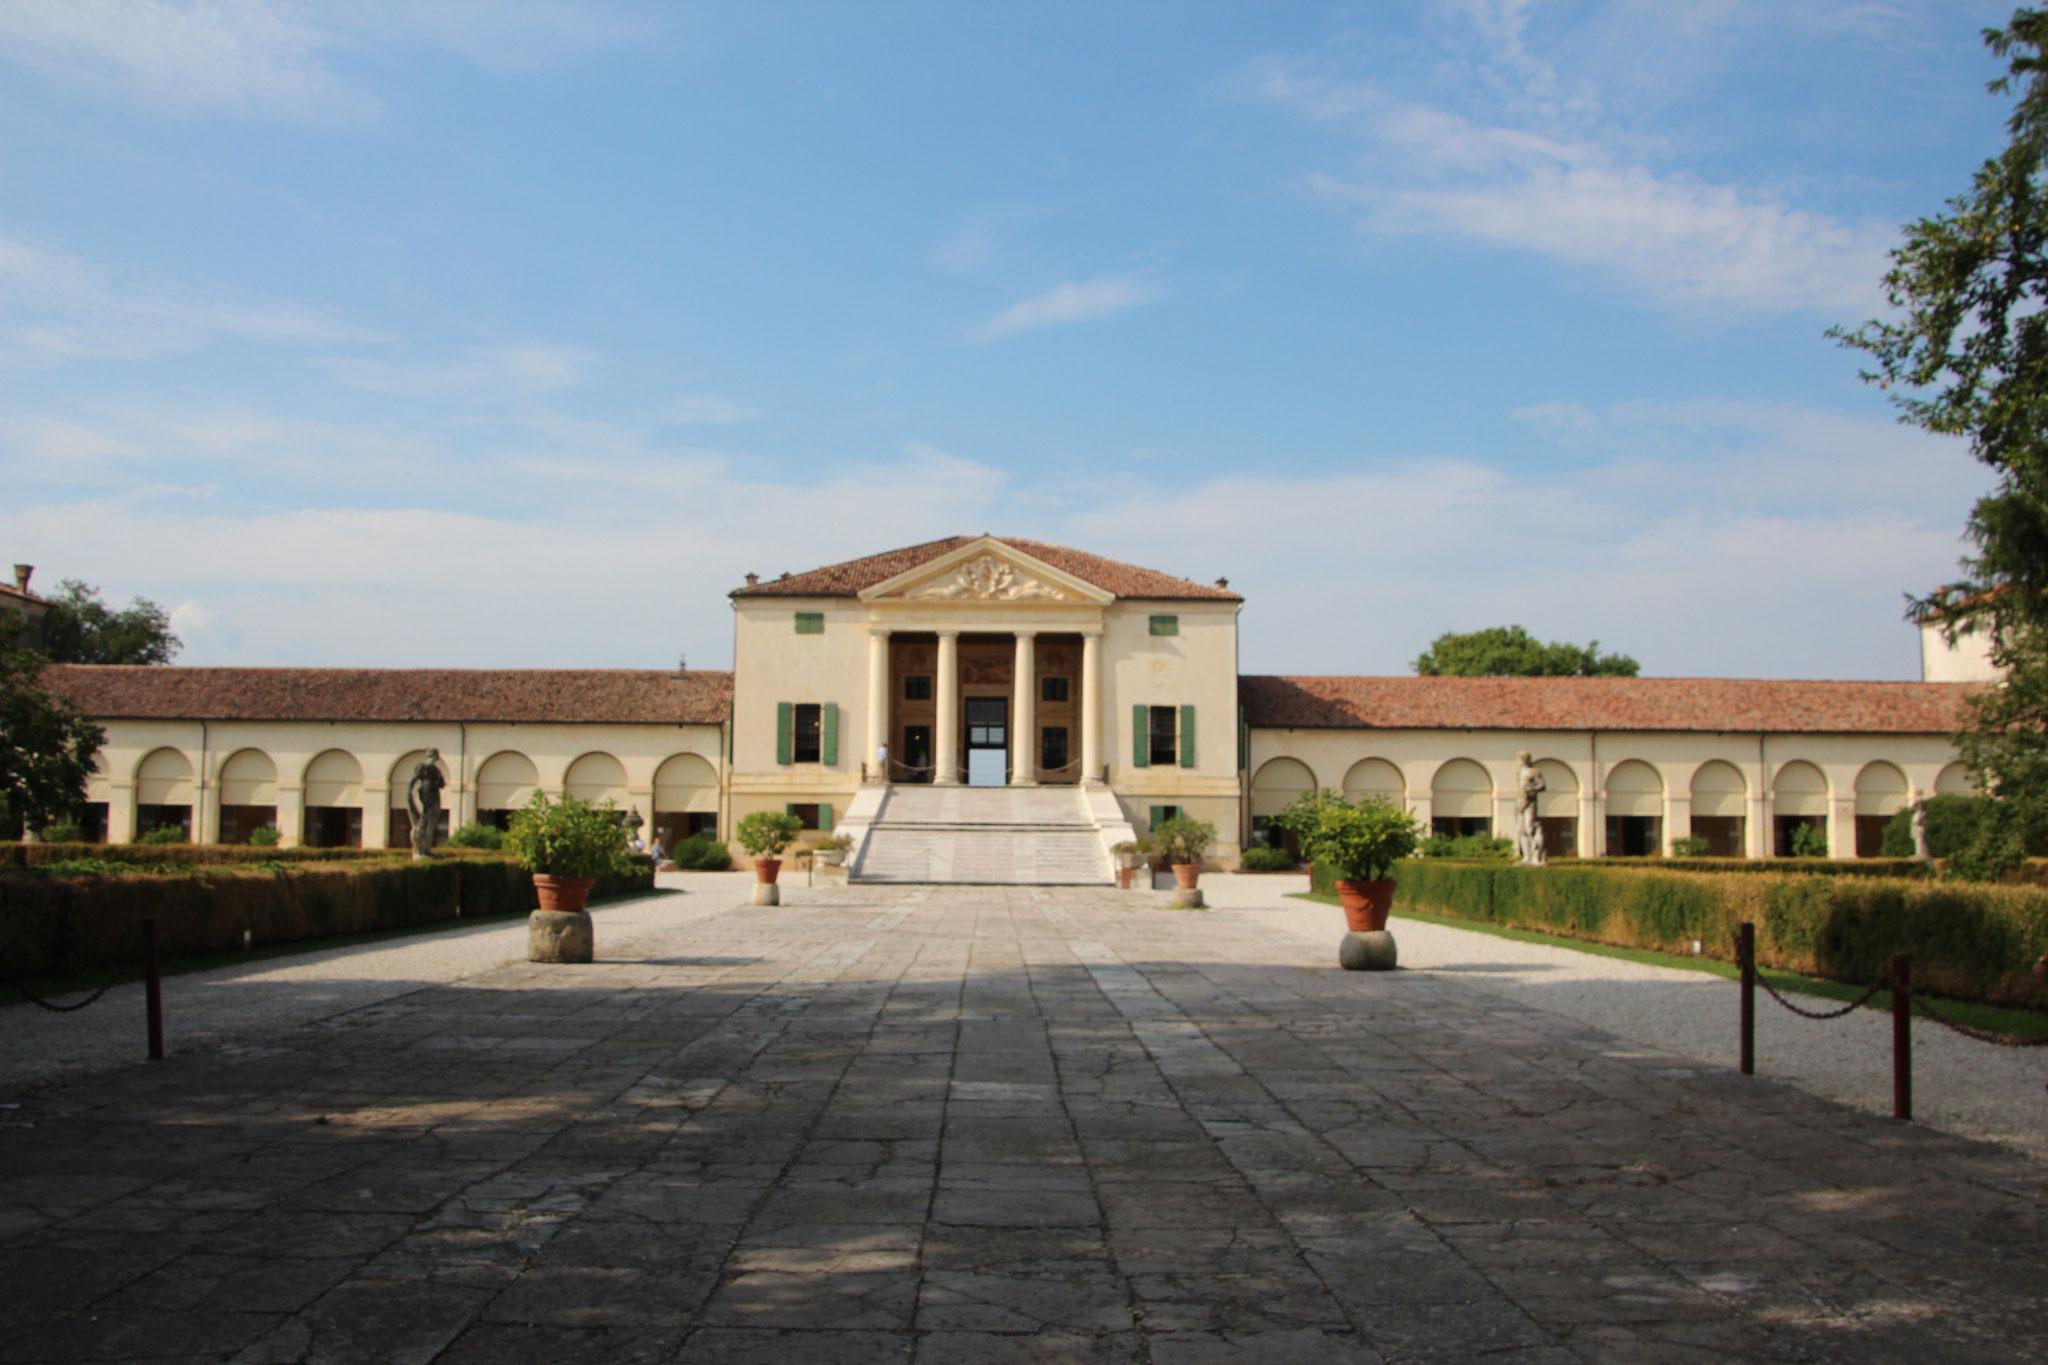 Villa Emo-Fanzolo (1)